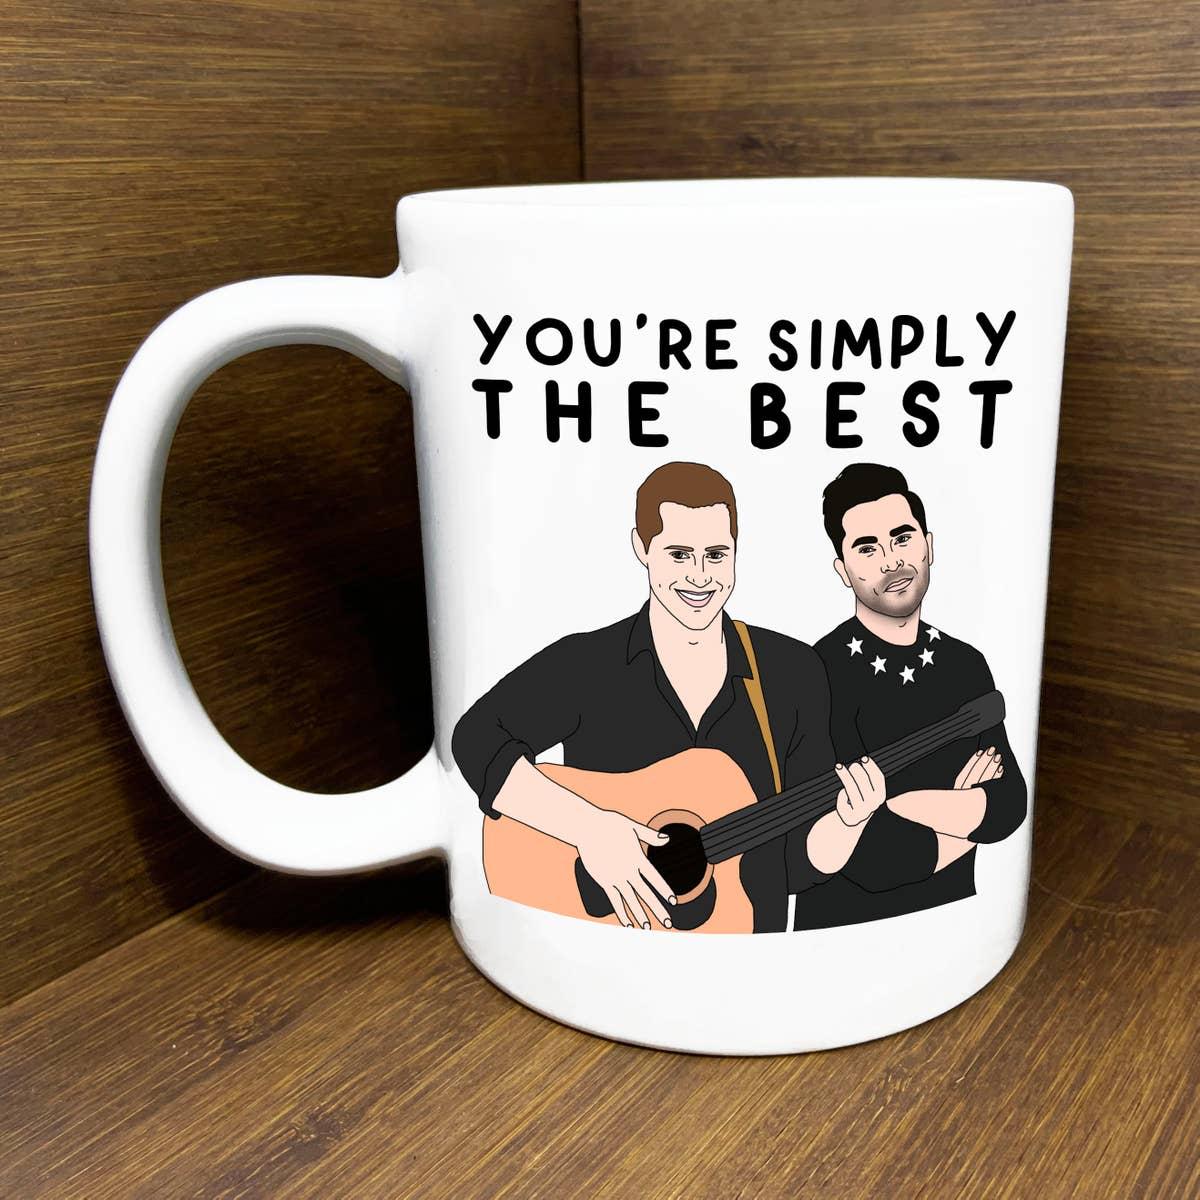 Schitt's Creek Simply the Best Mug